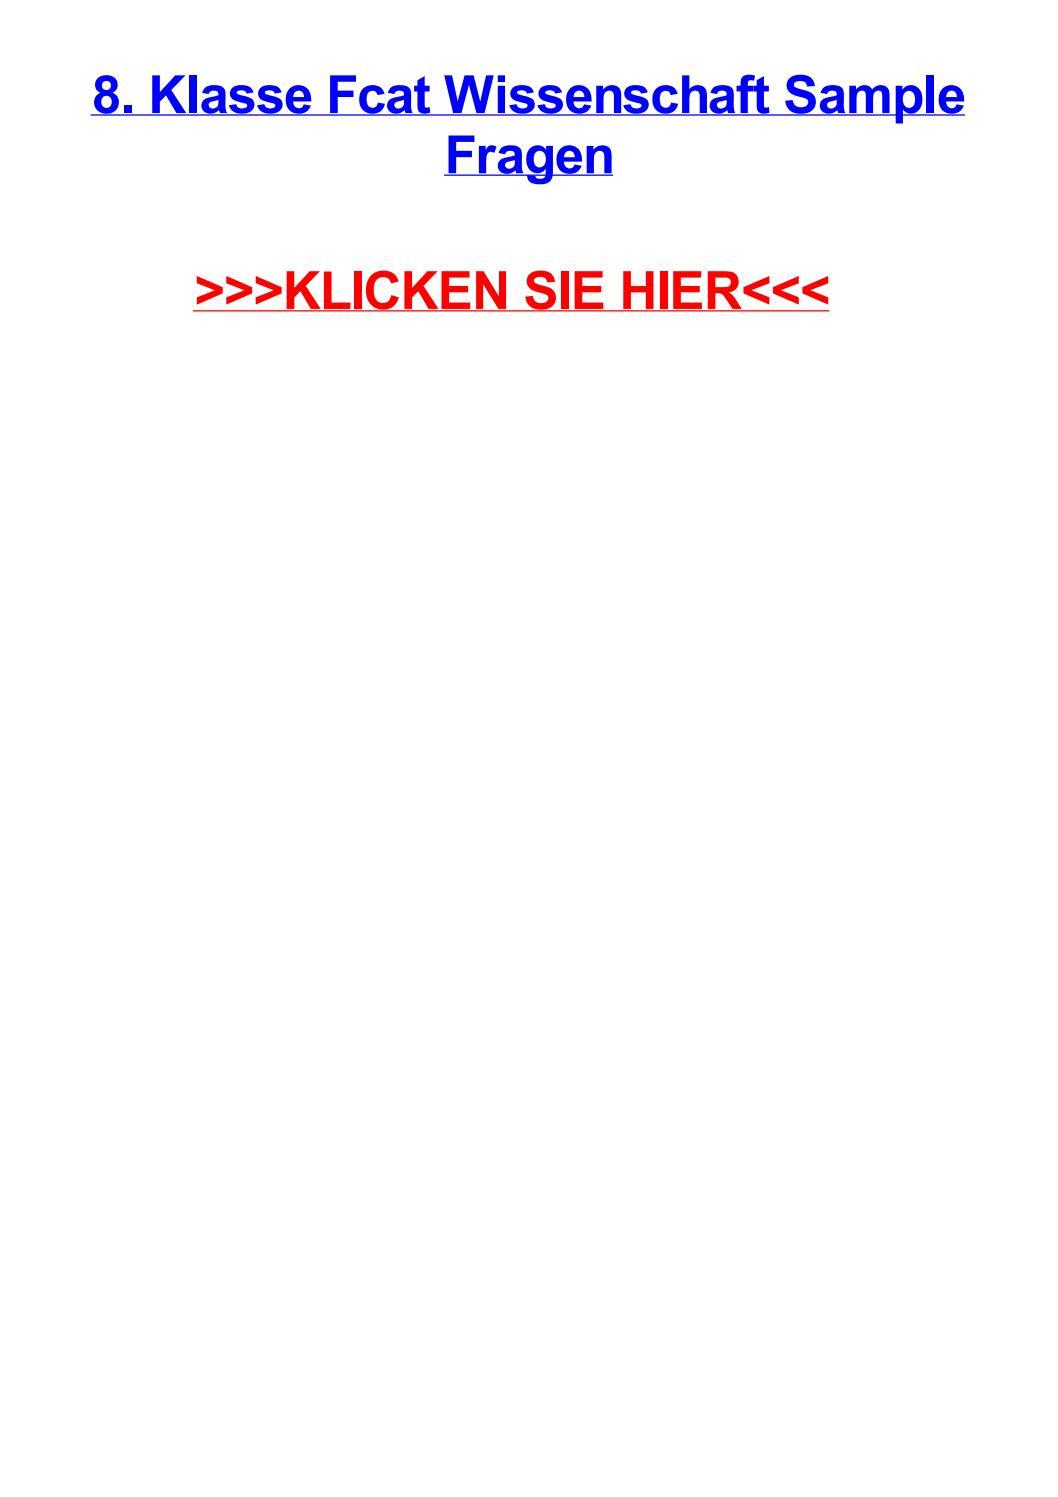 8 klasse fcat wissenschaft sample fragen by reneenkmf - issuu